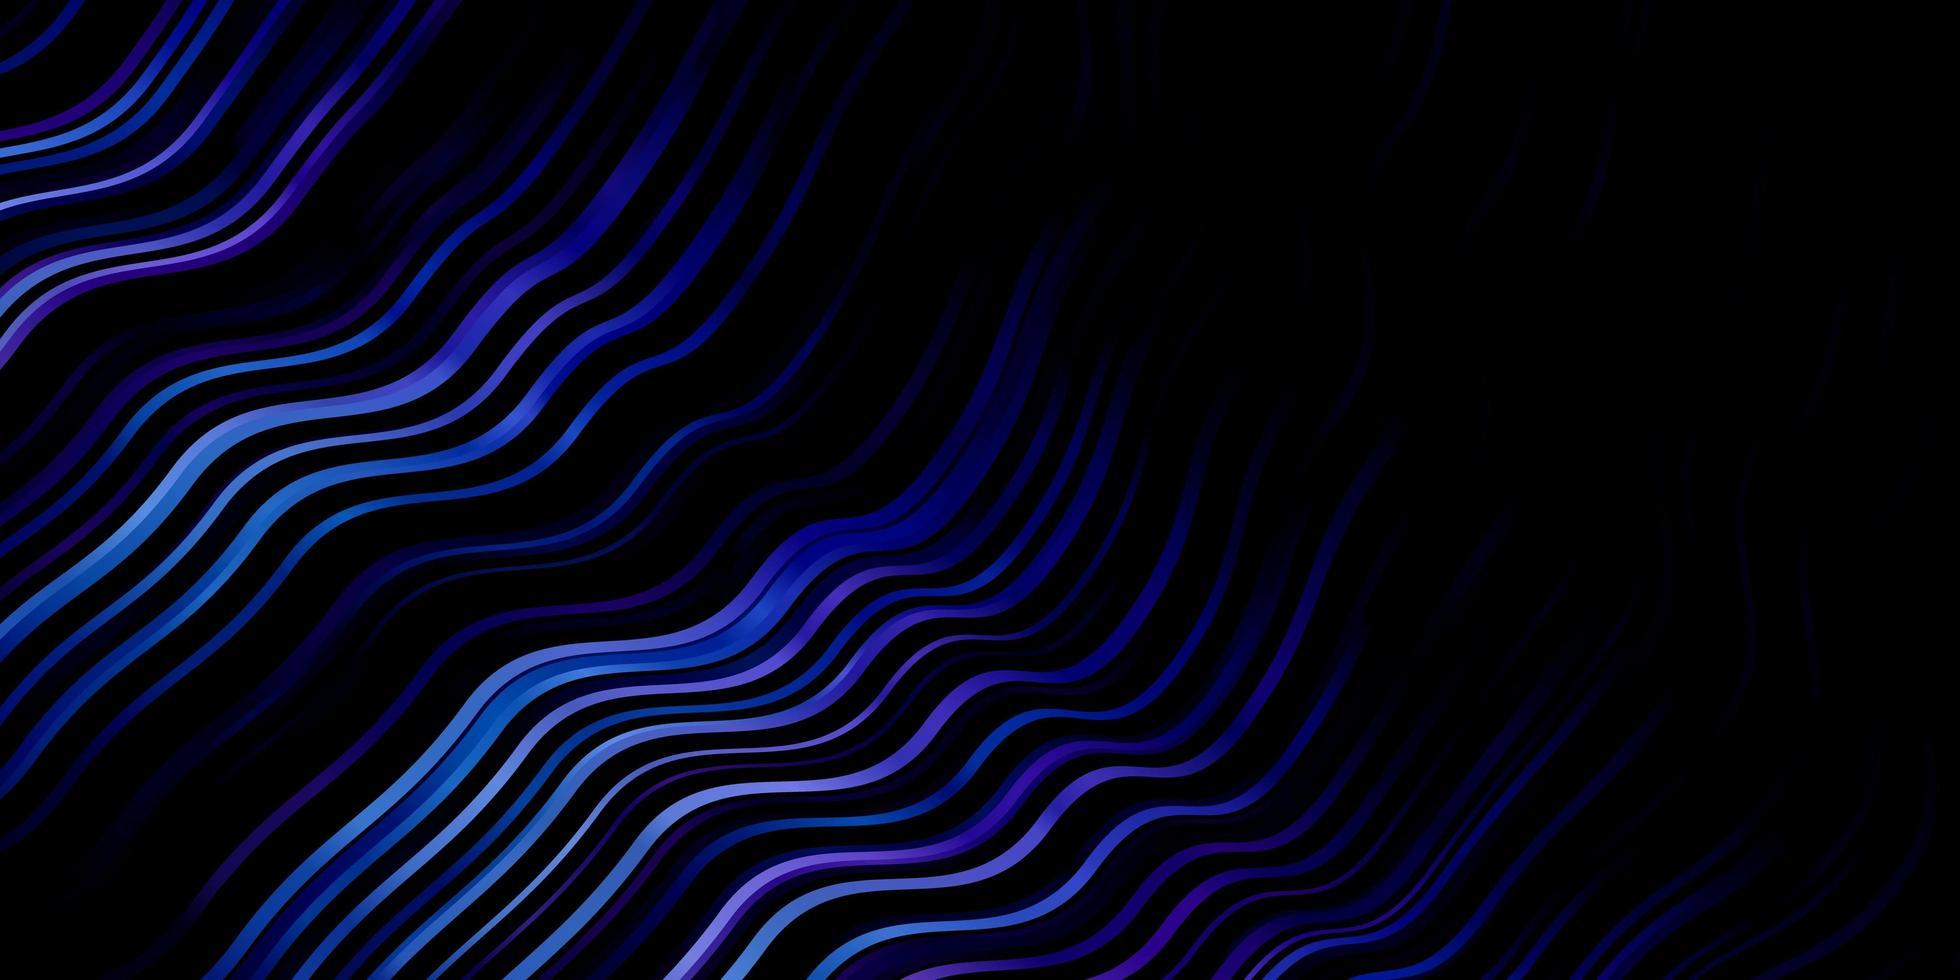 dunkelrosa, blauer Vektorhintergrund mit gebogenen Linien. vektor